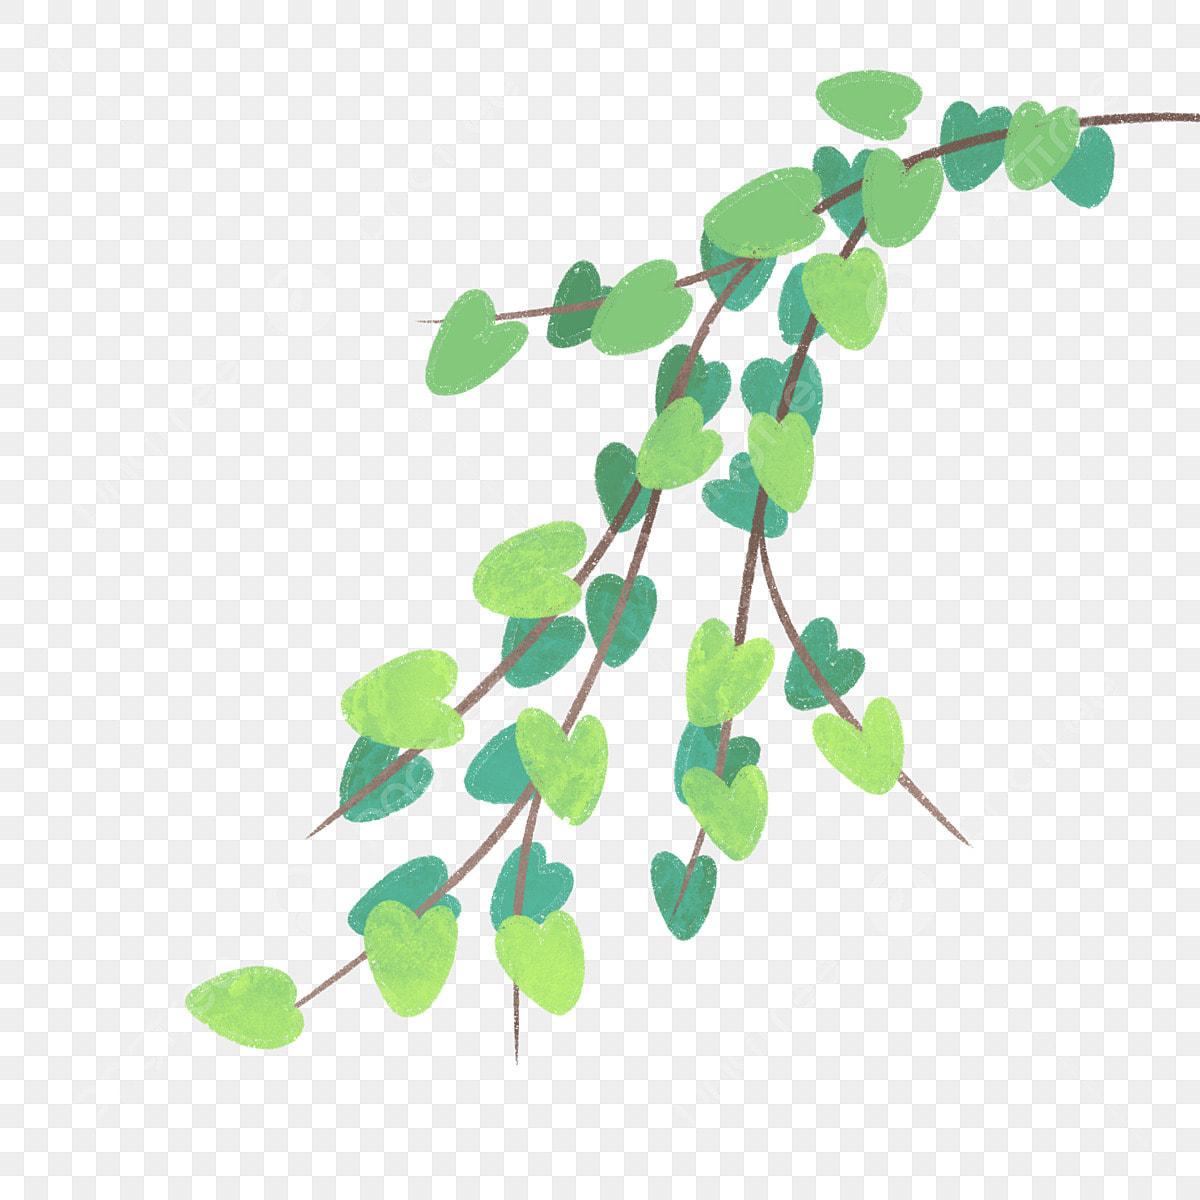 Plante Vigne Vert Feuilles Vigne De Dessin Animé Fichier